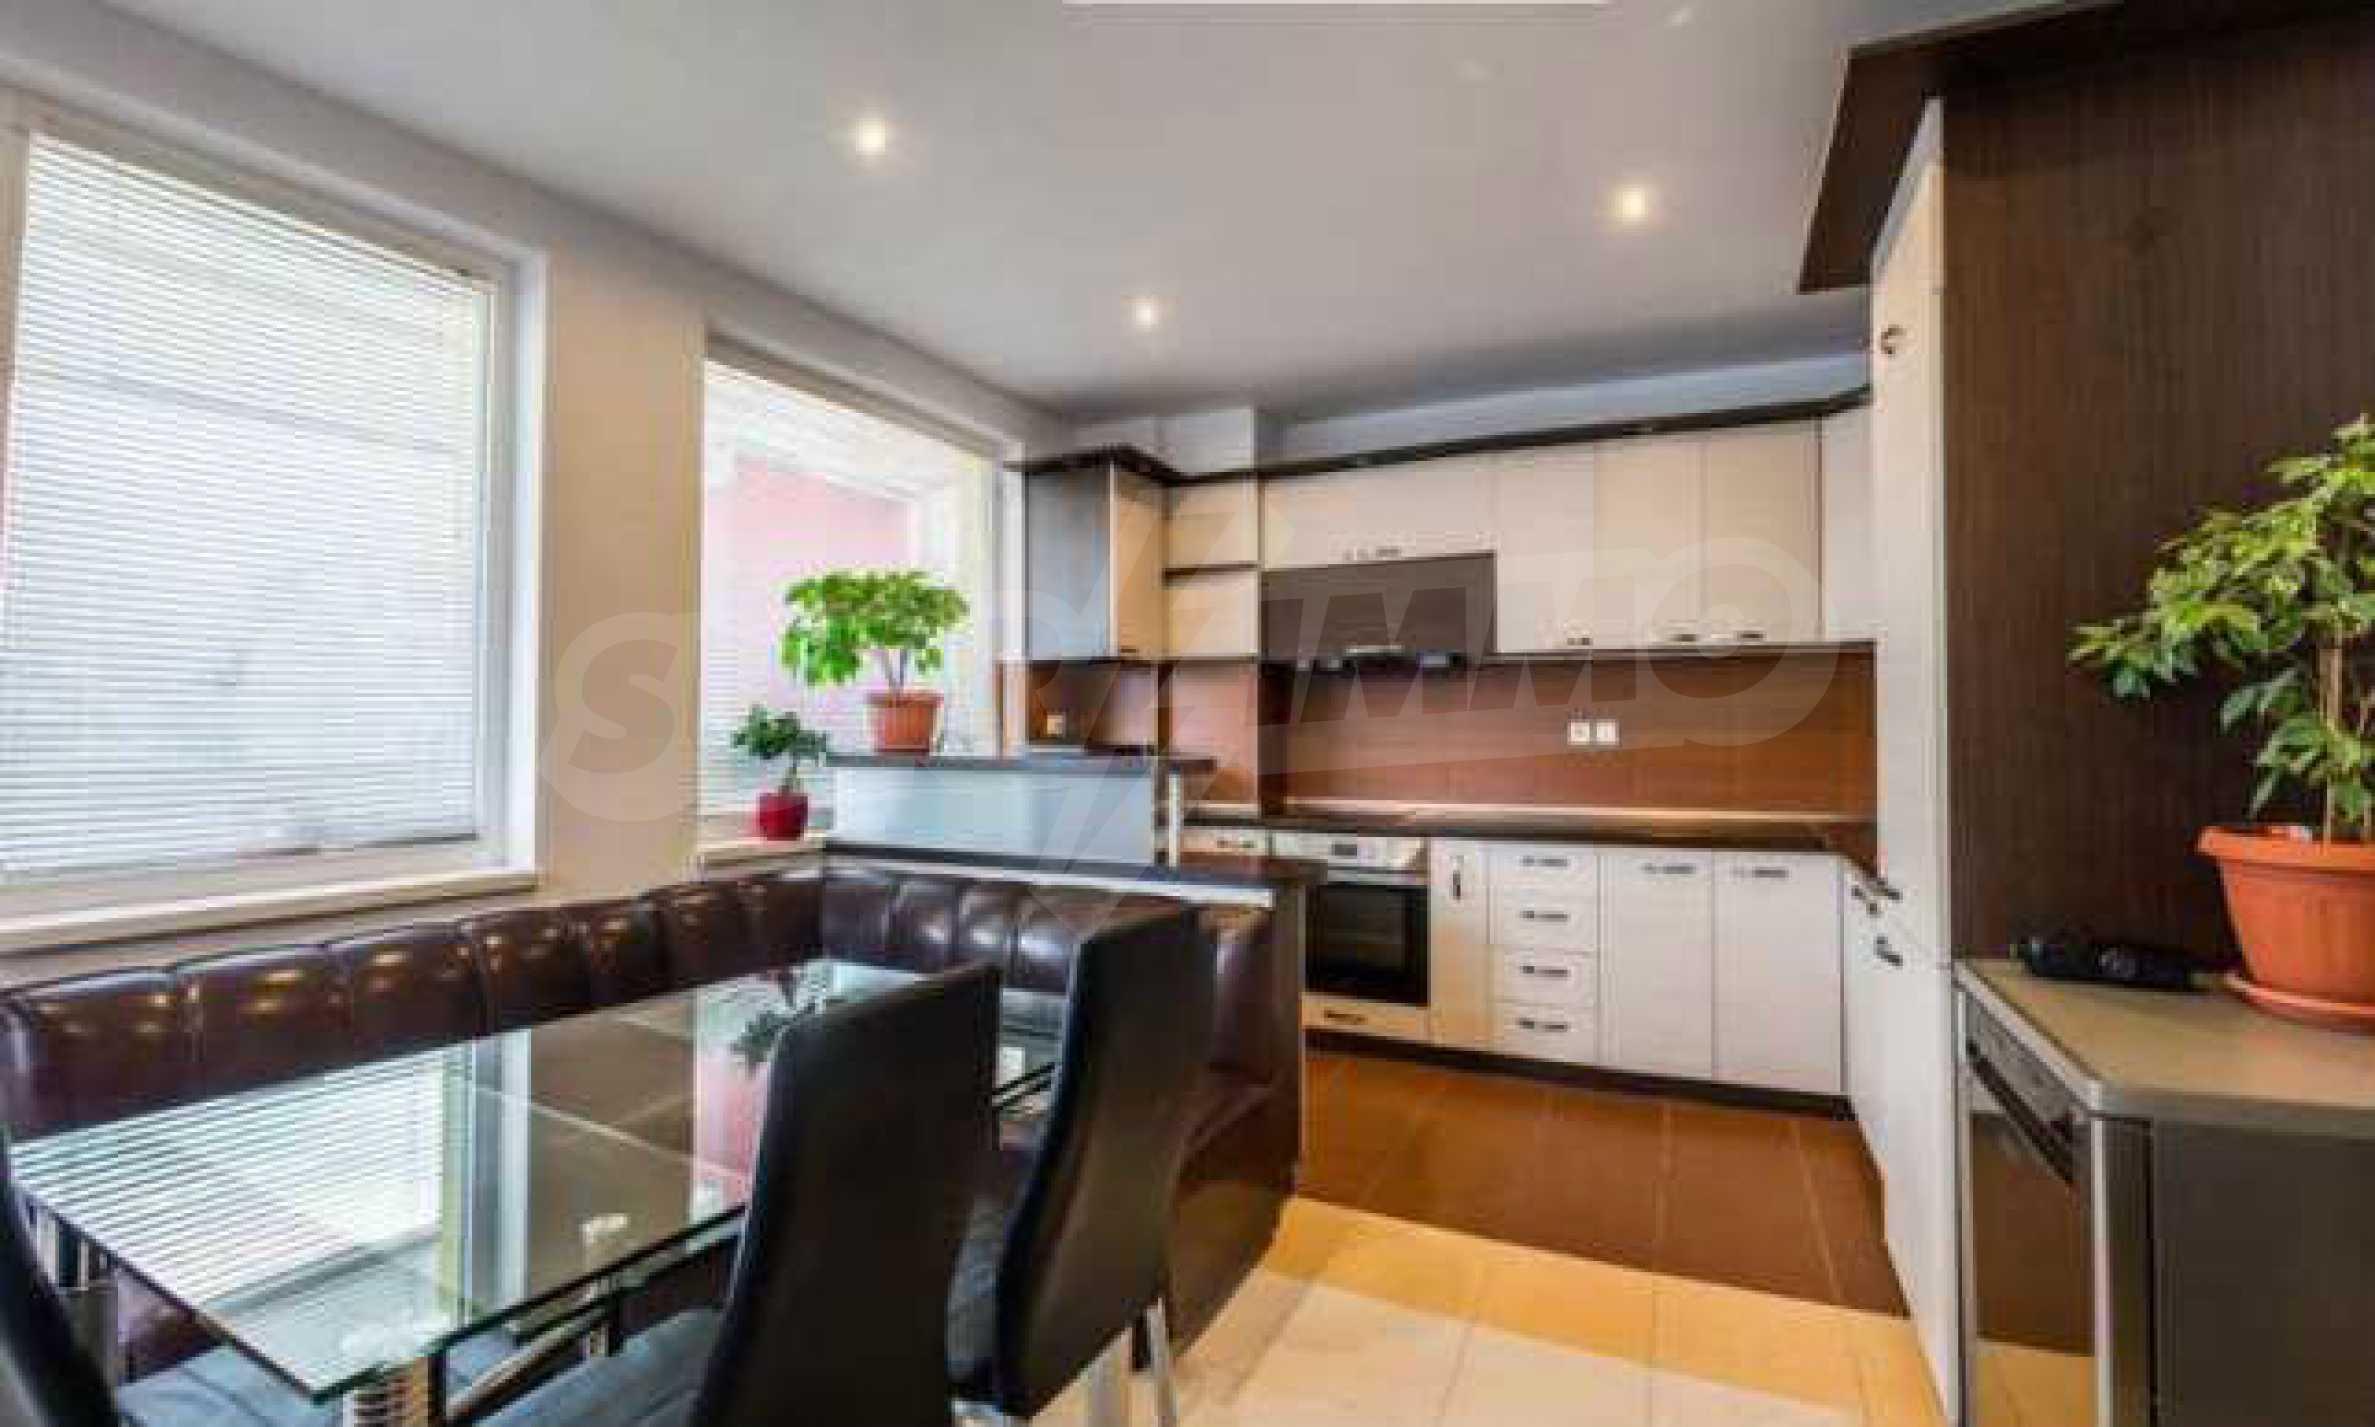 Новопостроен тристаен апартамент в кв. на град В. Търново  2